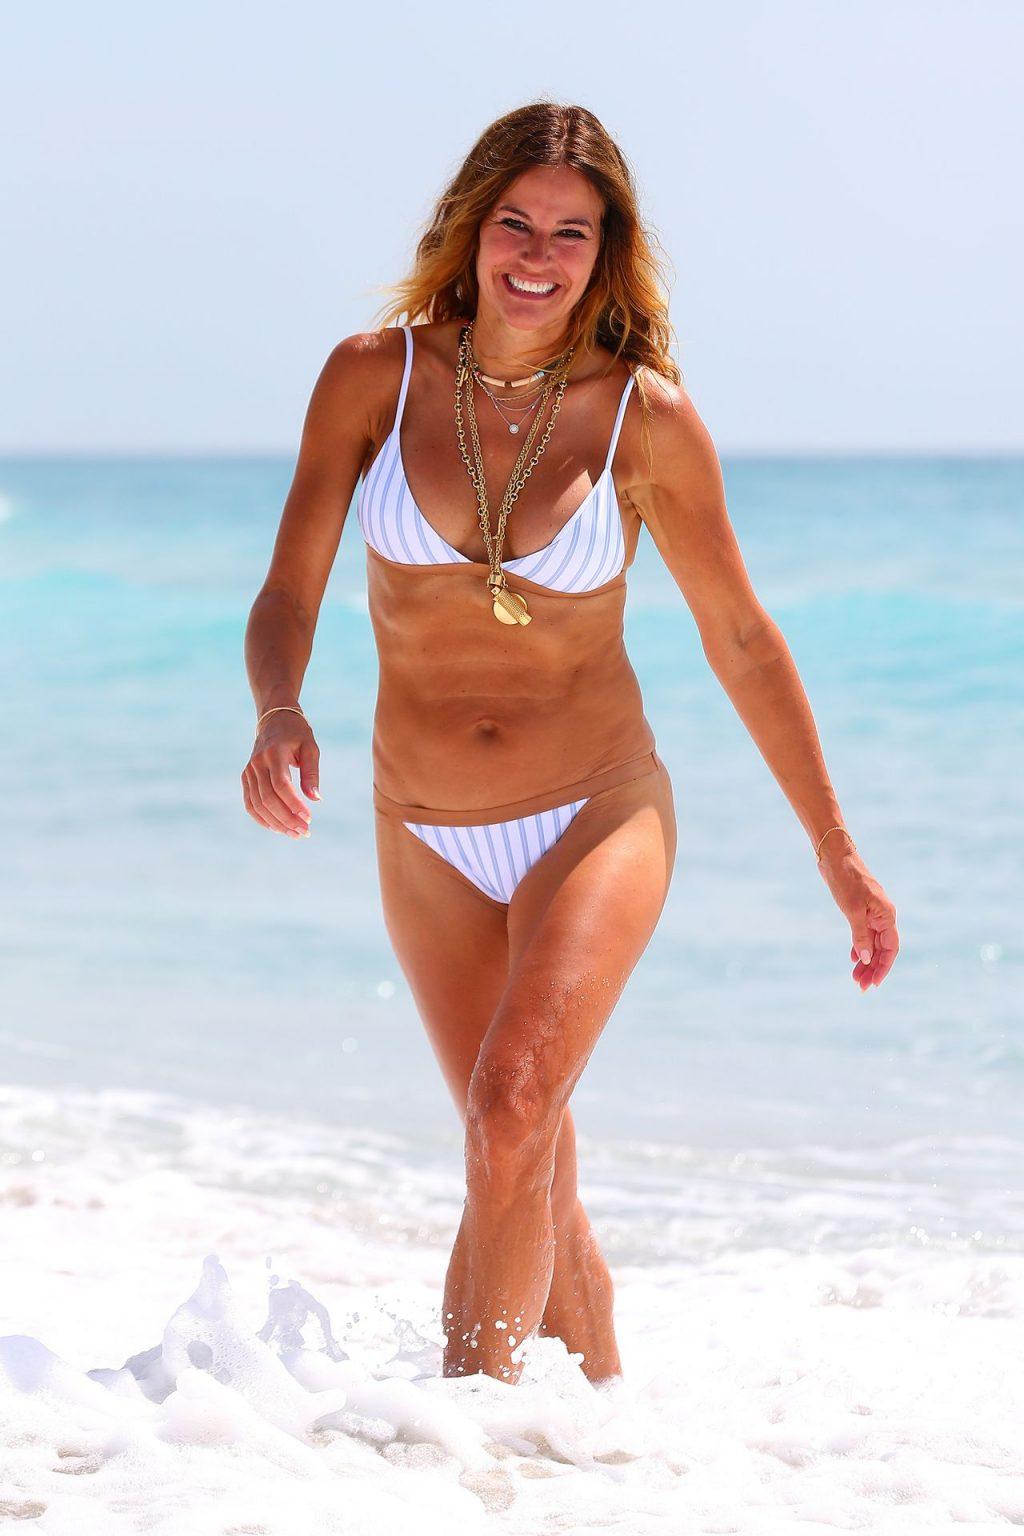 Kelly Bensimon Shows Off Her Bikini Fit Body on the Beach (34 Photos)